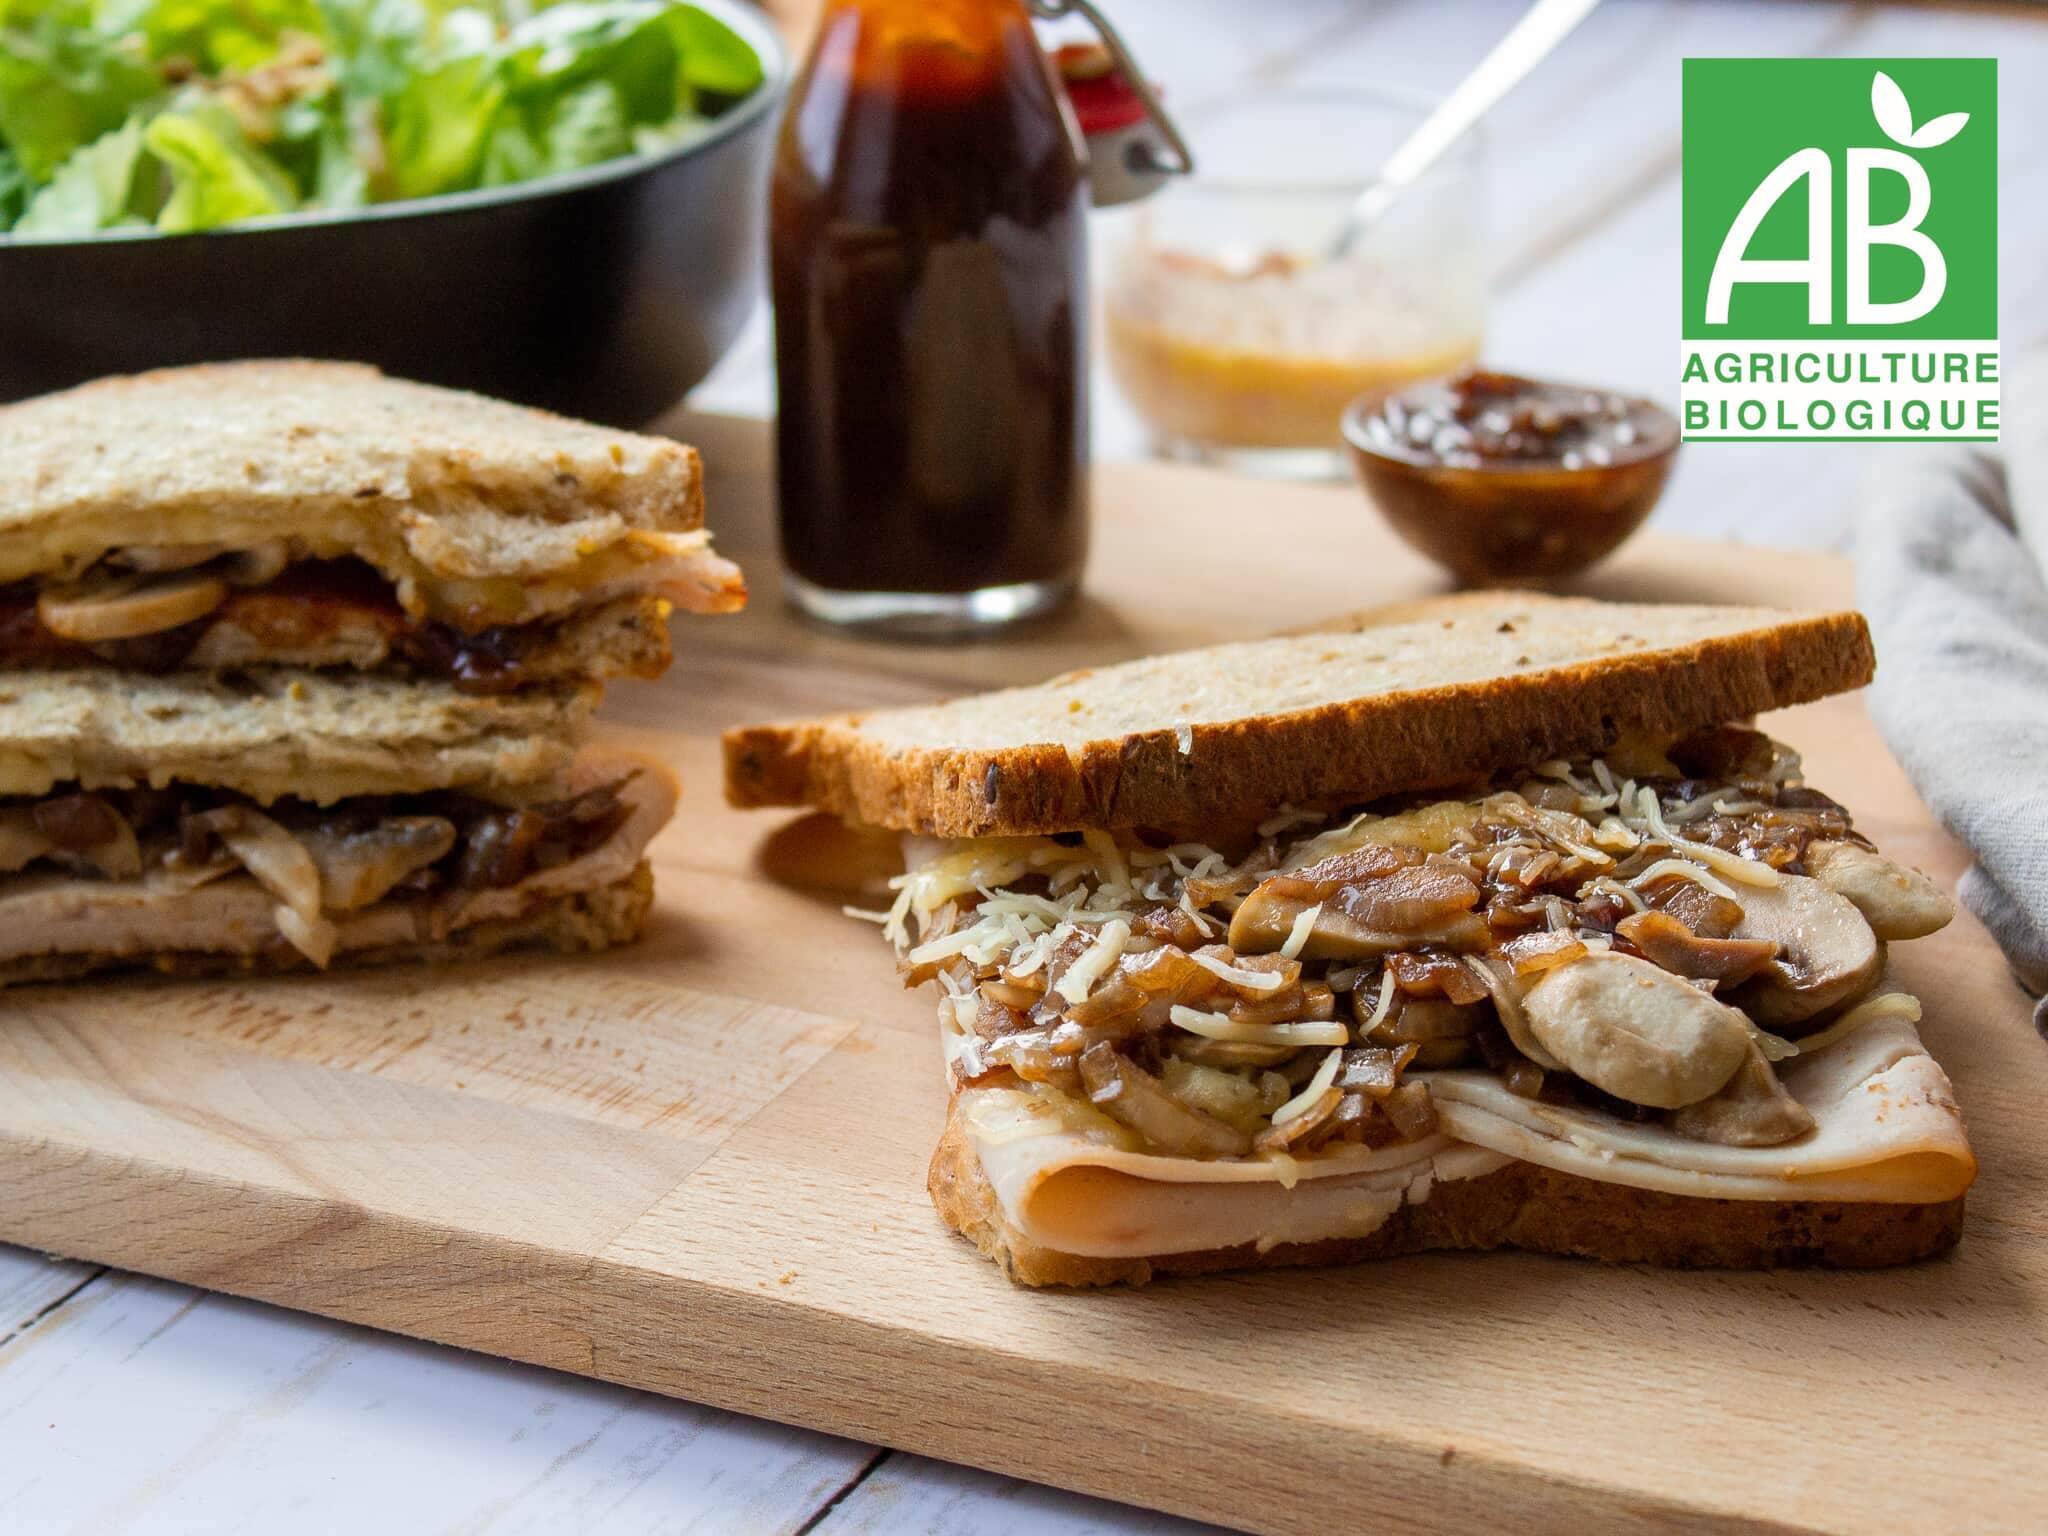 Recette 1 - Sandwich grillé à la volaille BBQ